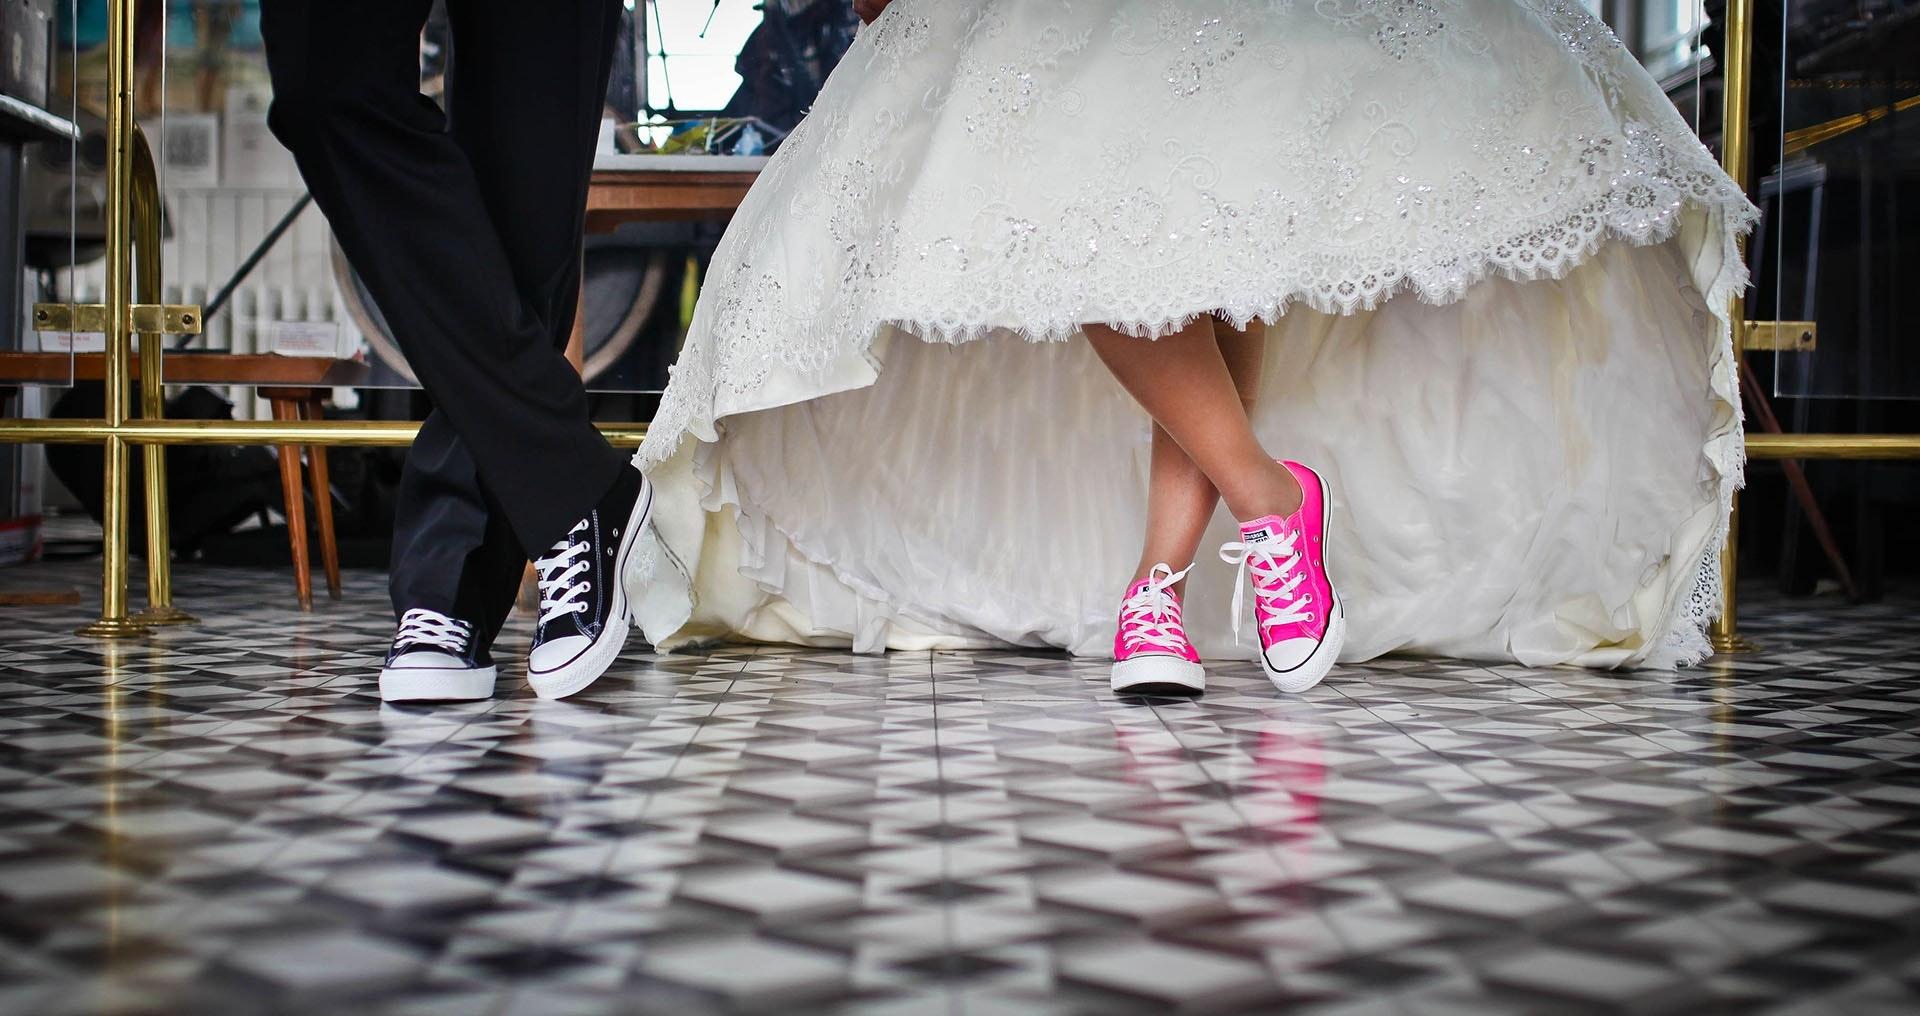 Καλεσμένη σε γαμο-βάφτιση: dress code